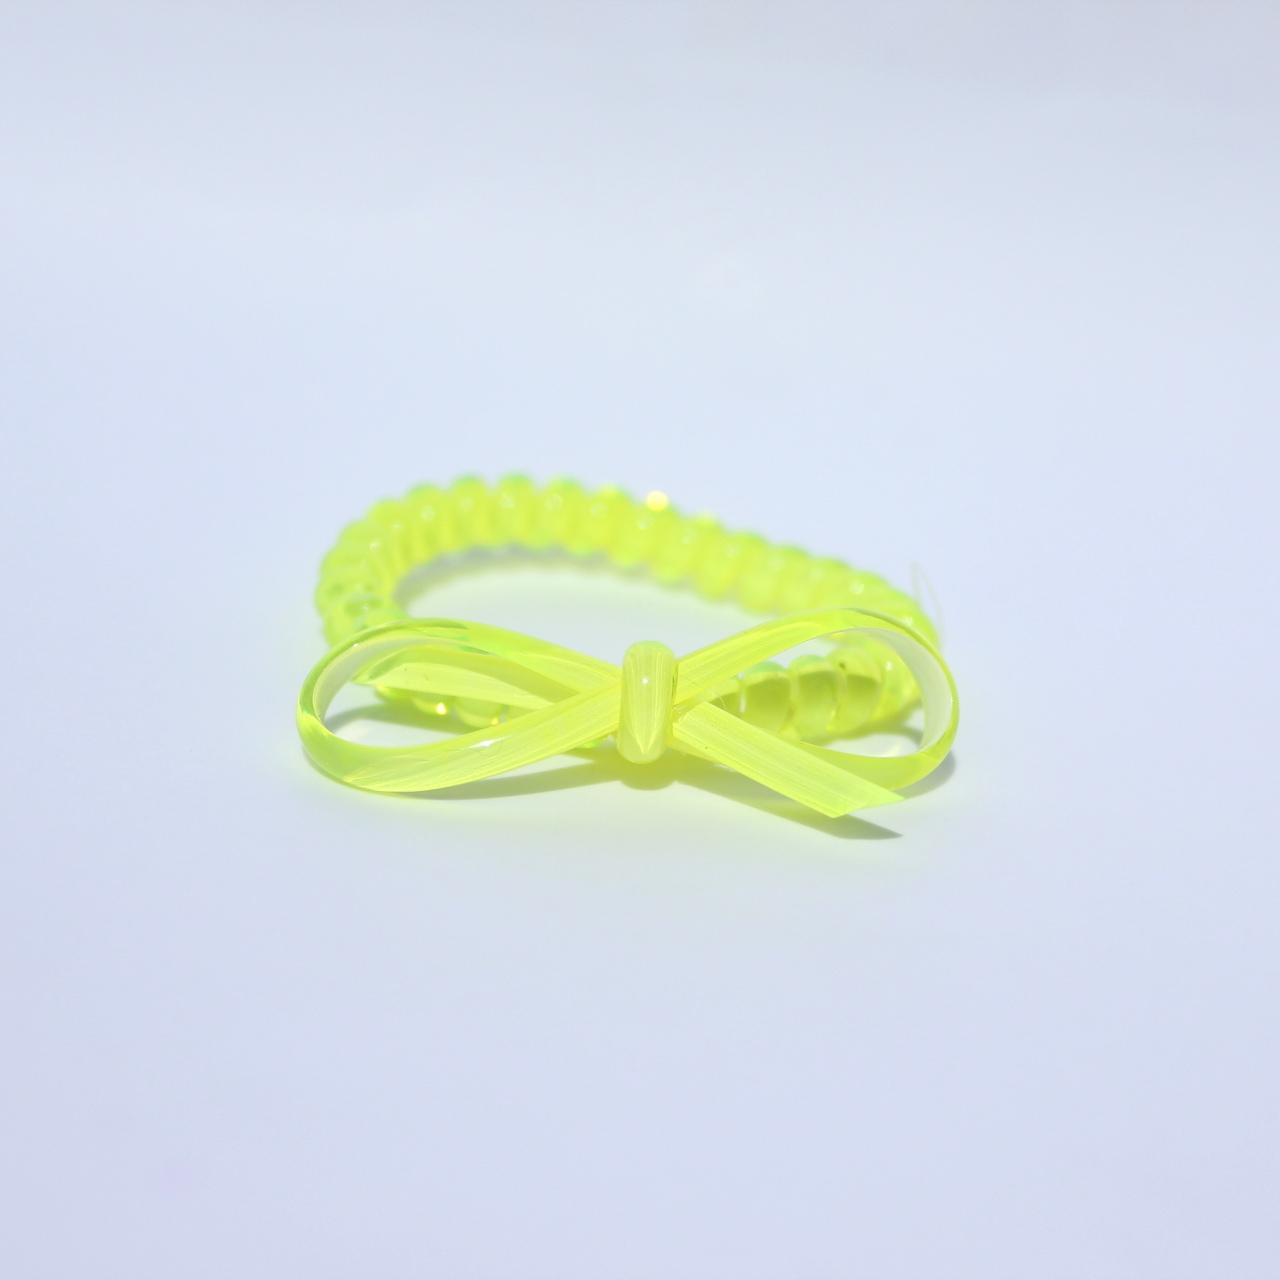 Neónovo žltá gumička do vlasov s mašličkou Hairfix - Bow Neon Yellow